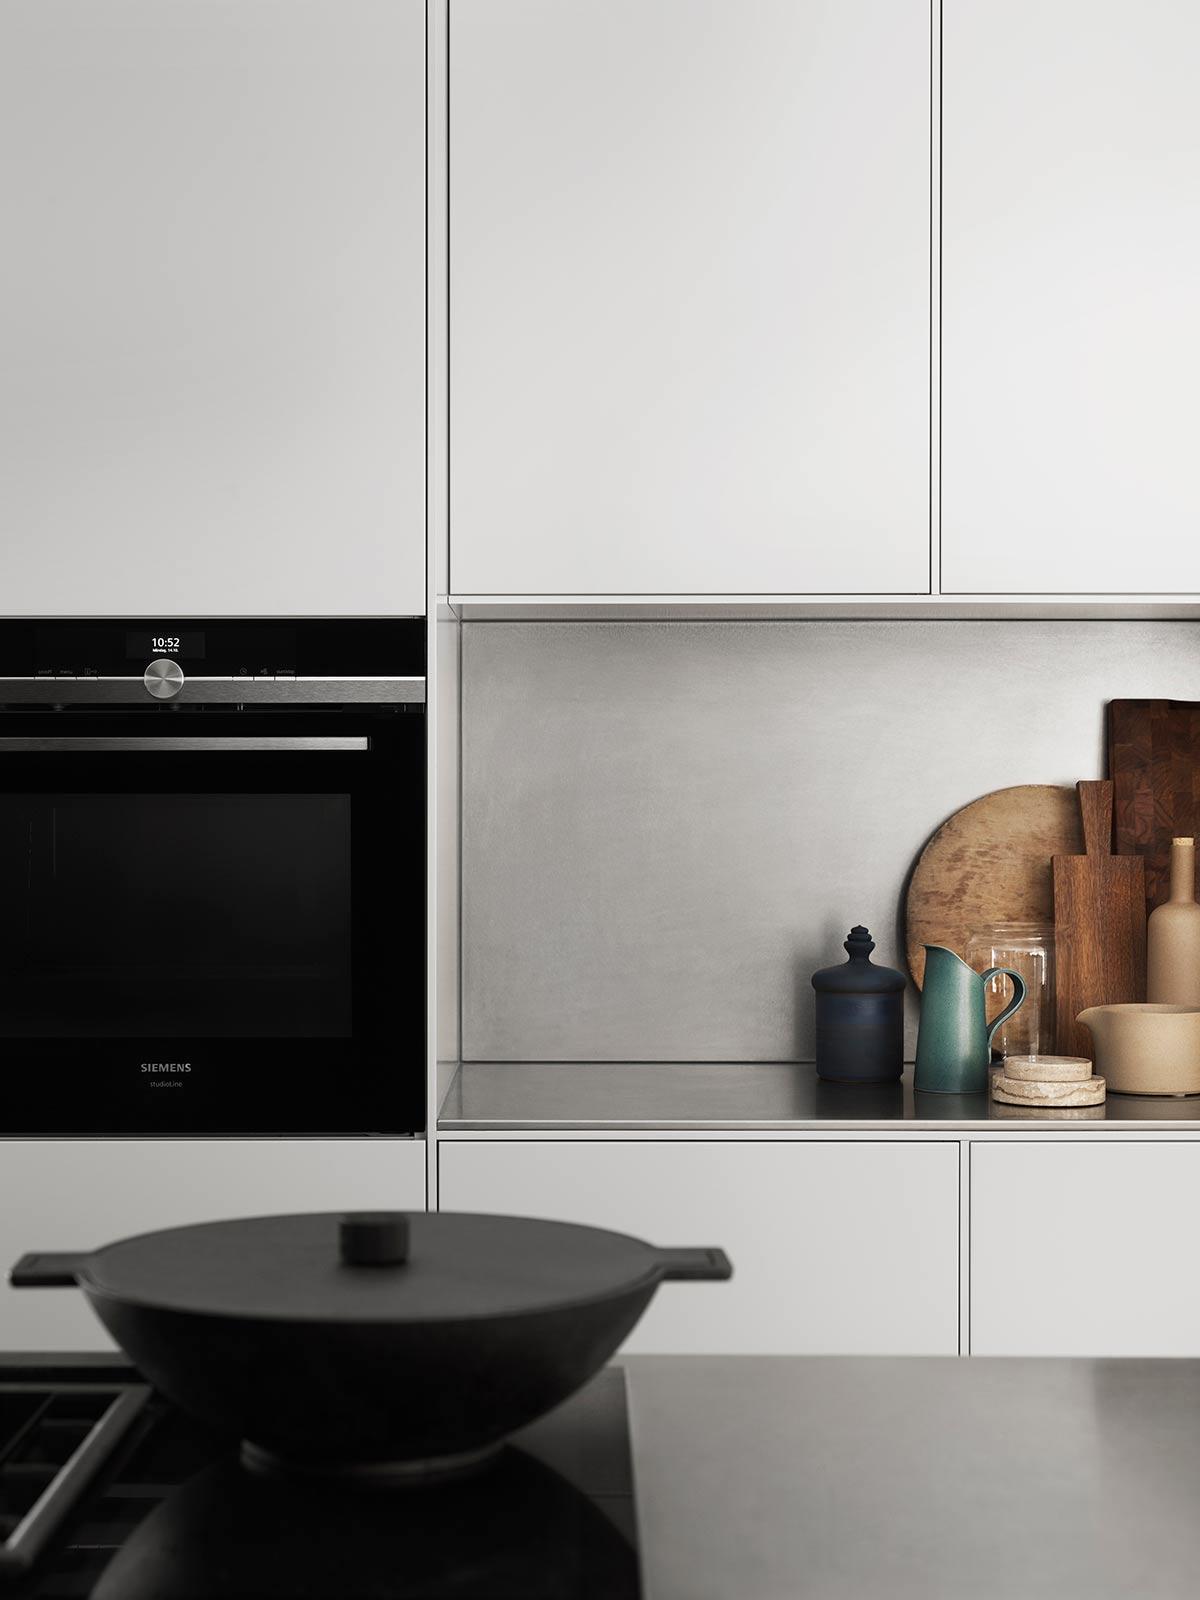 Kjøkkenskap uten håndtak